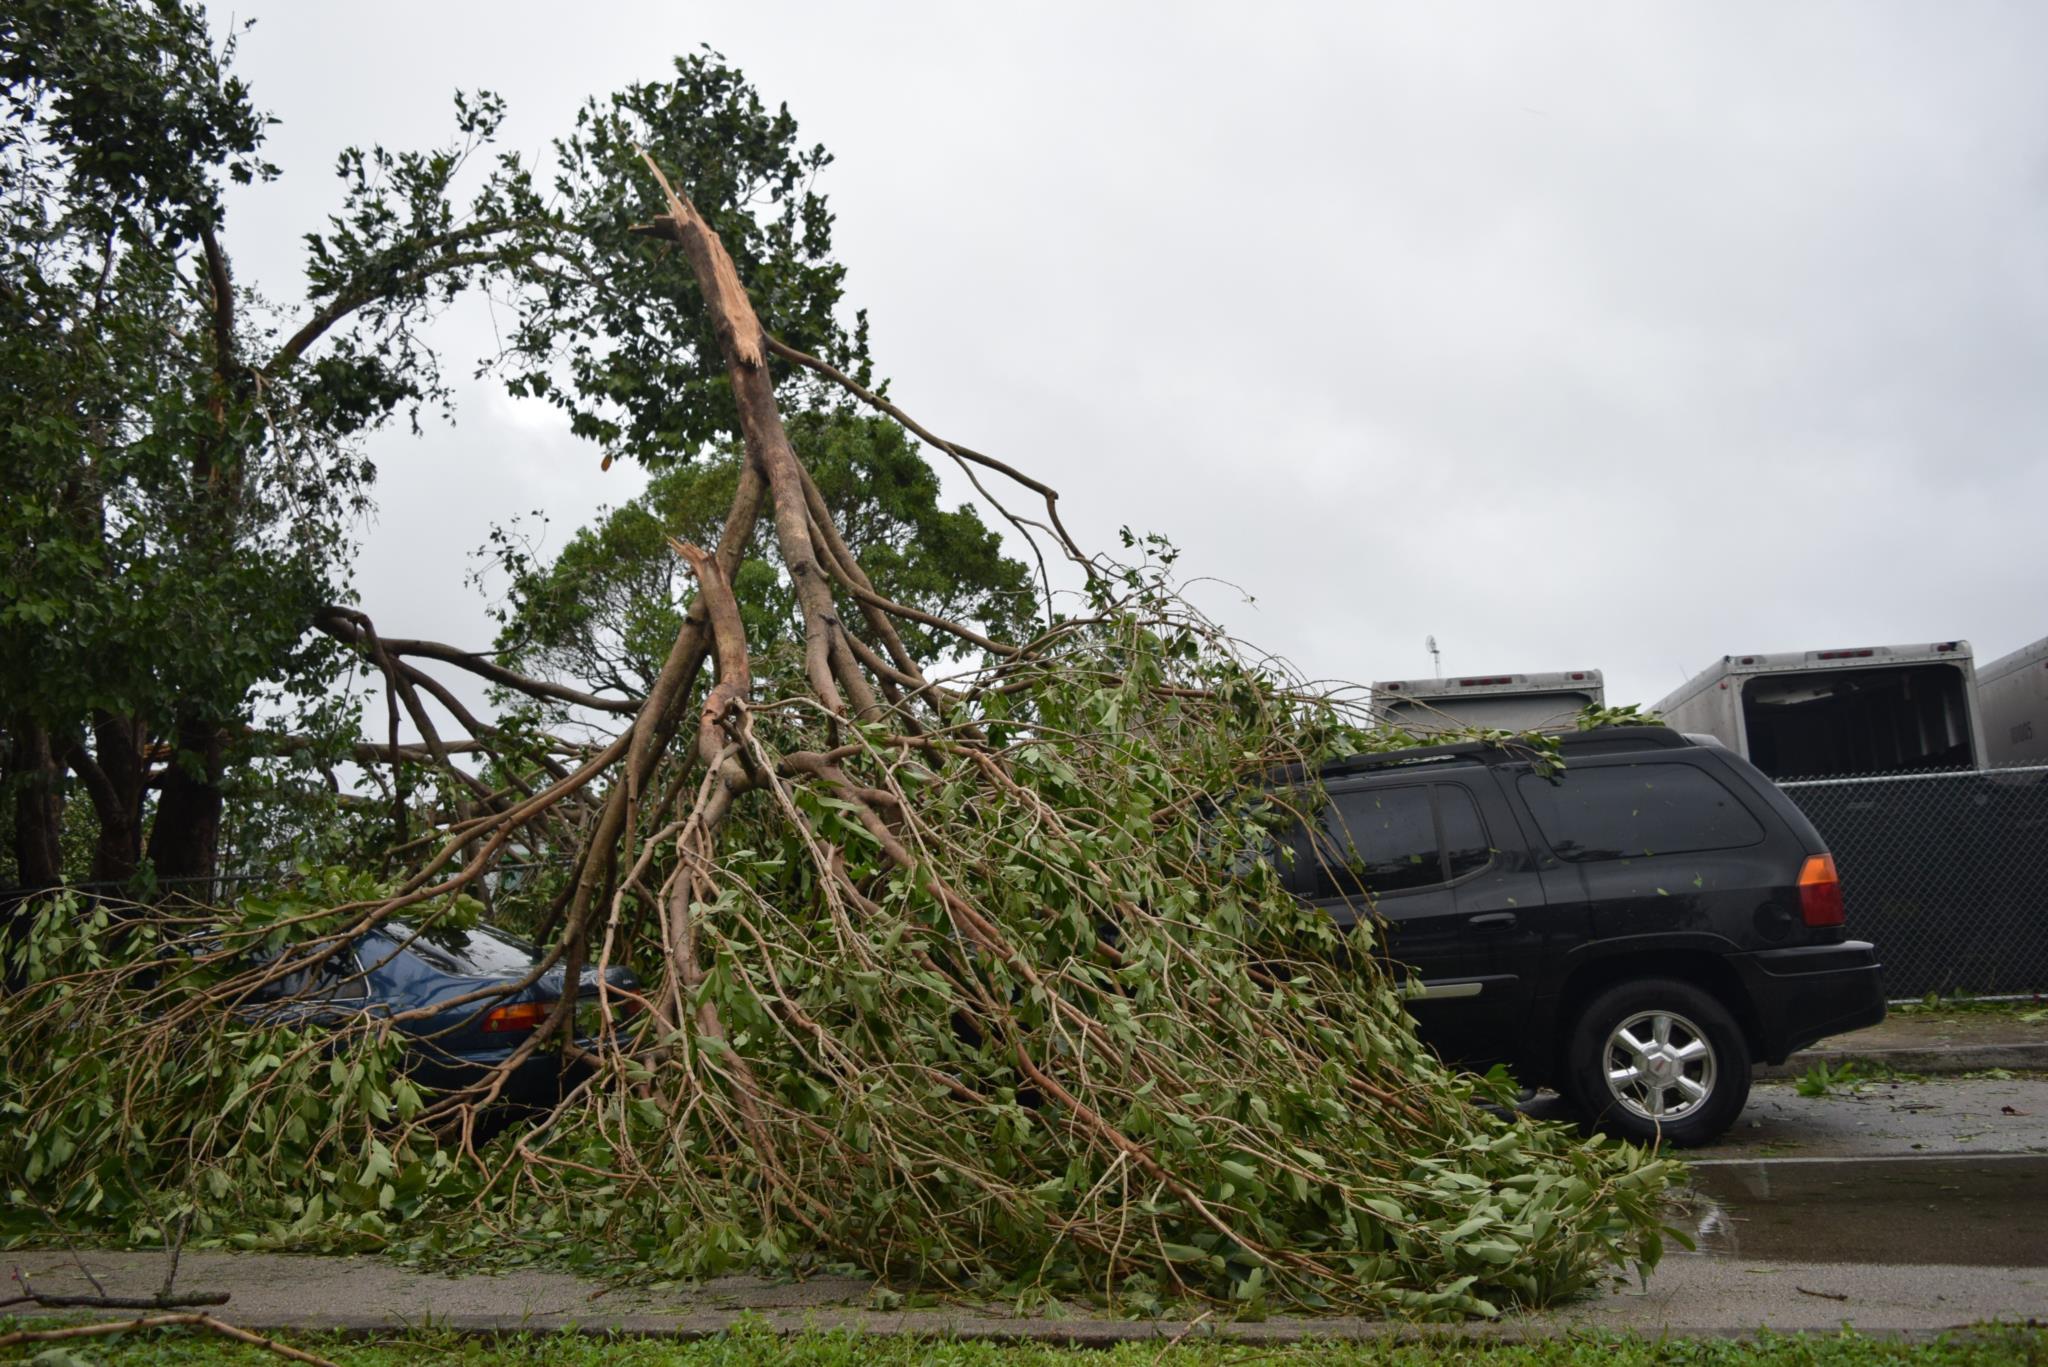 O furacão <i>Irma</i> deixou a sua marca no estado norte-americano da Florida